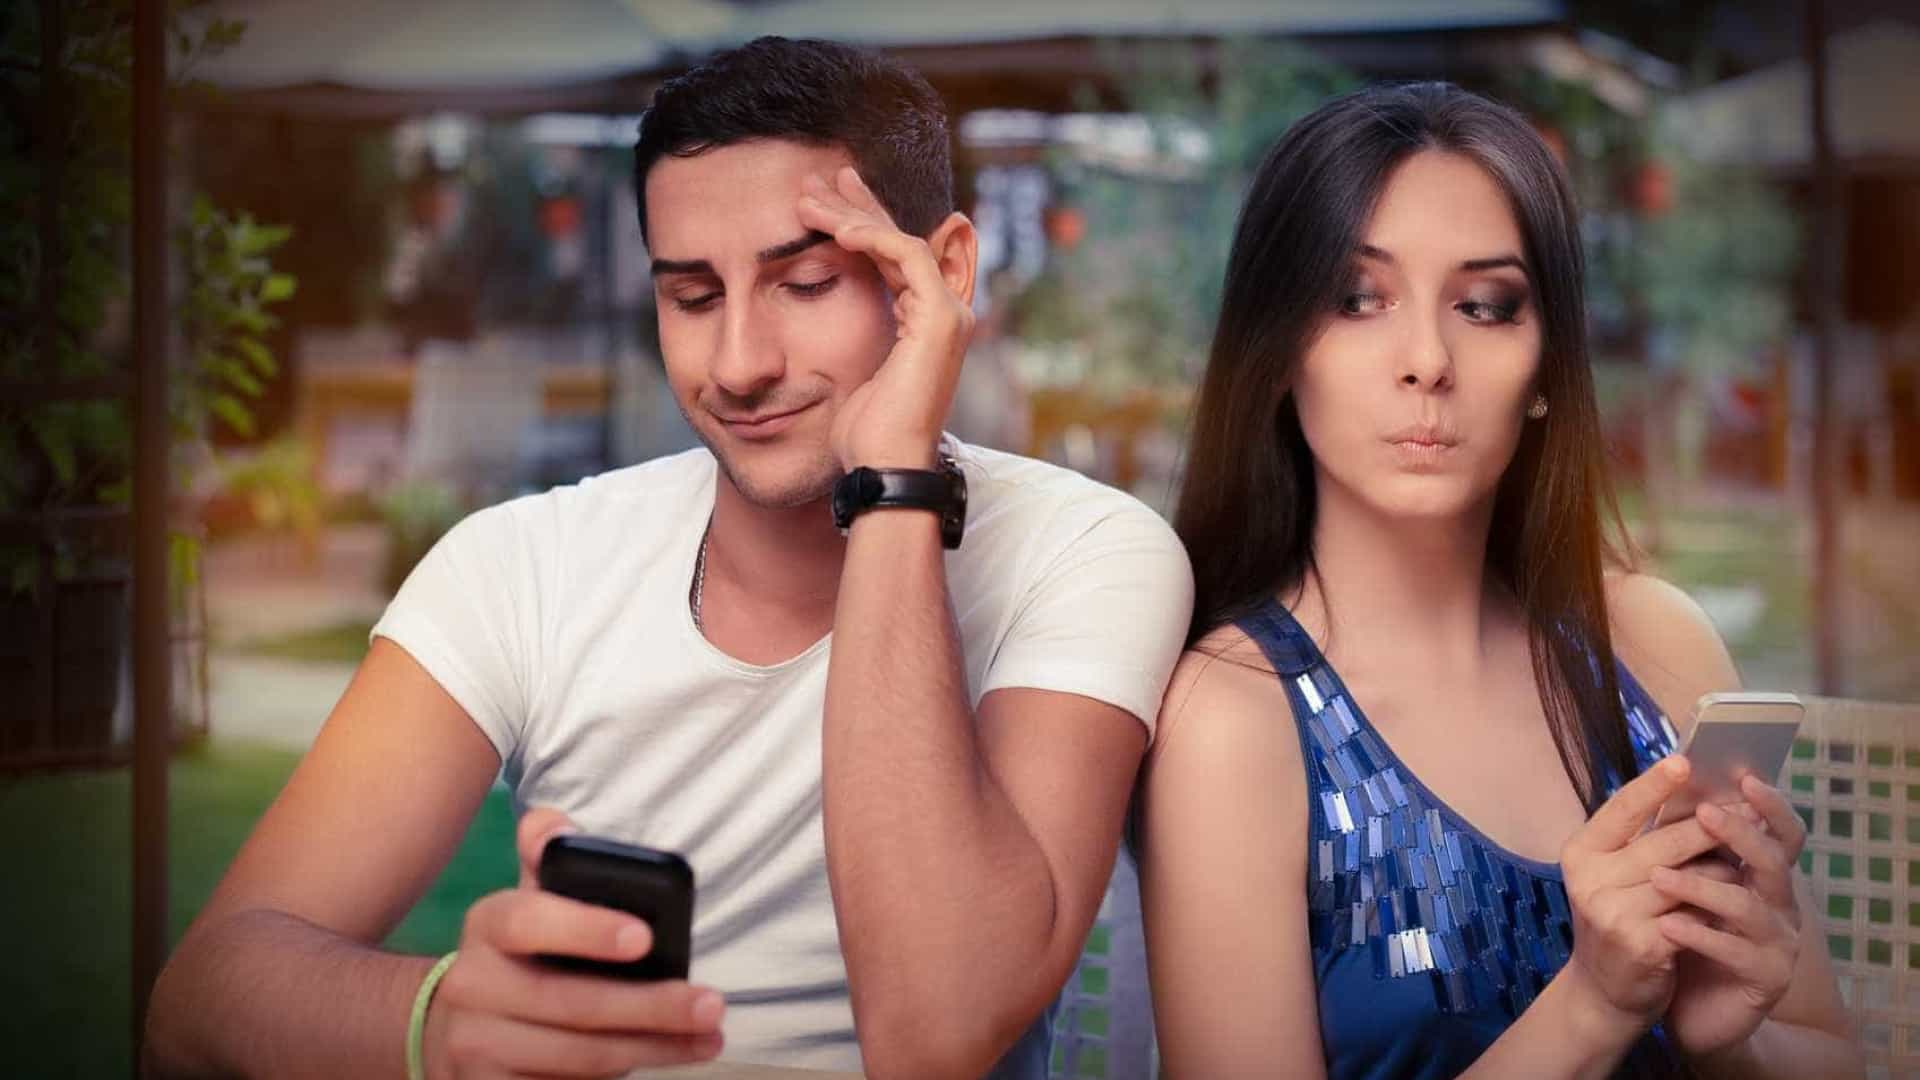 Casais admitem usar redes sociais para espiar parceiros